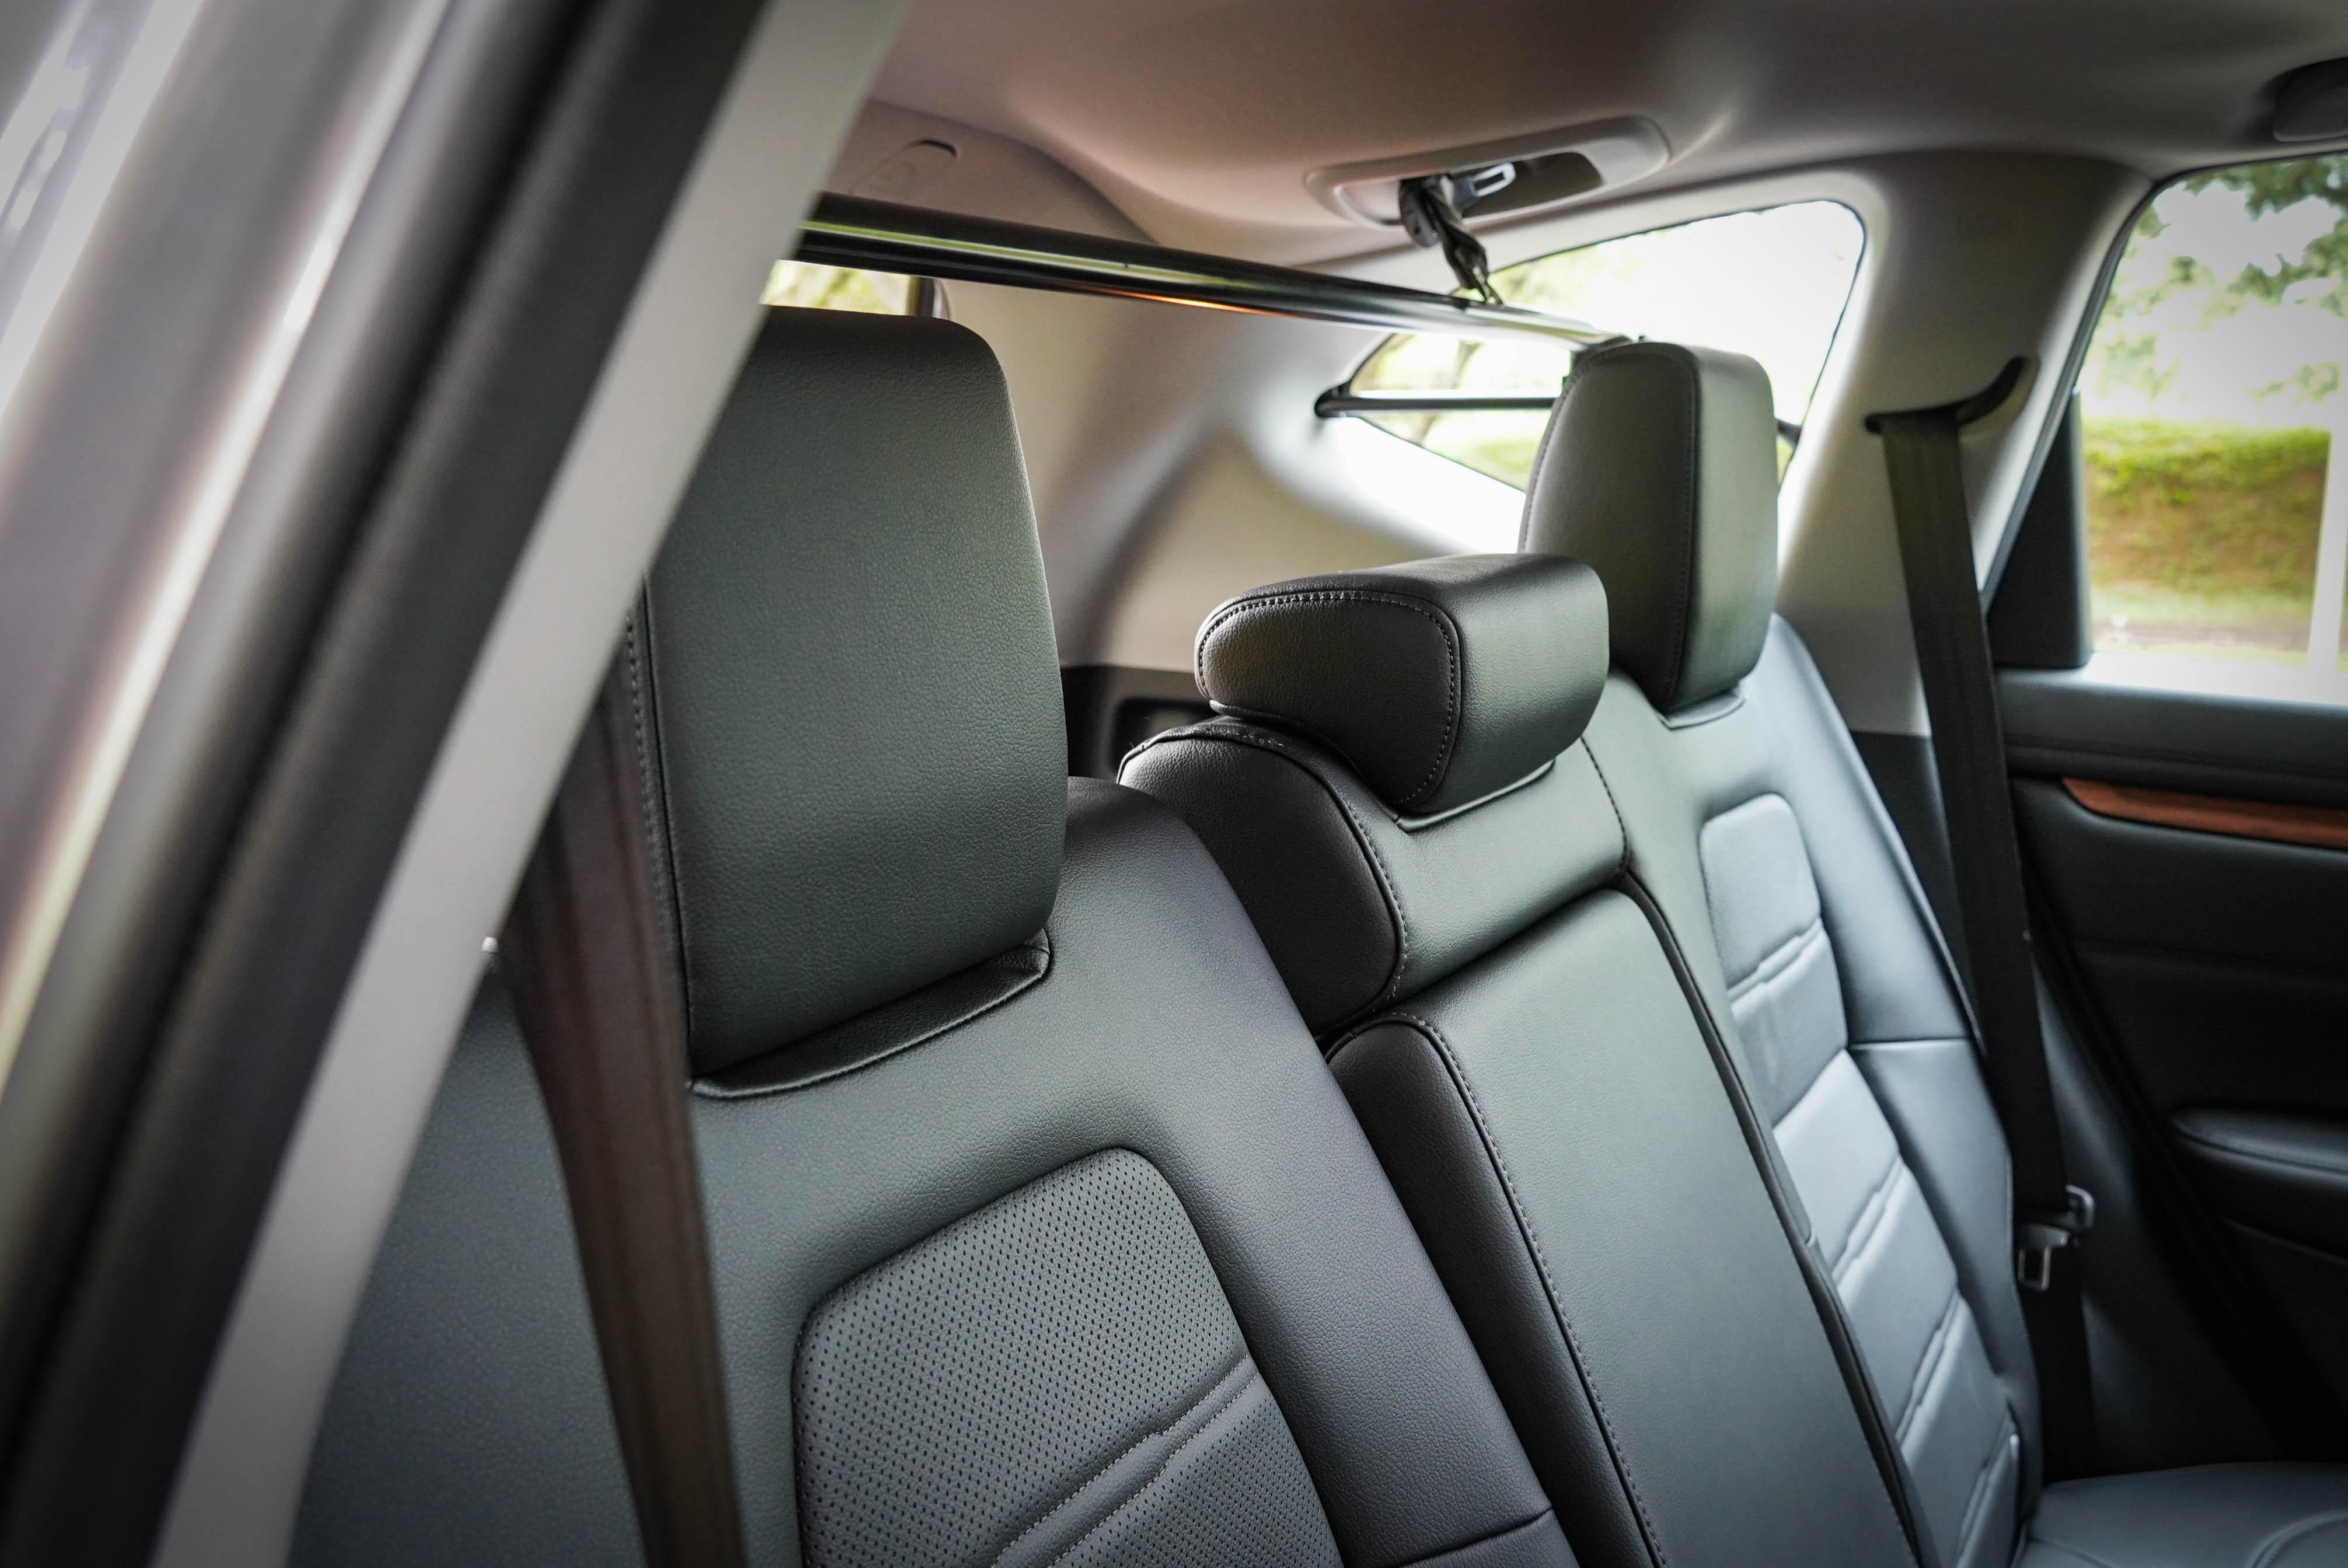 後座提供兩段椅背角度調整。